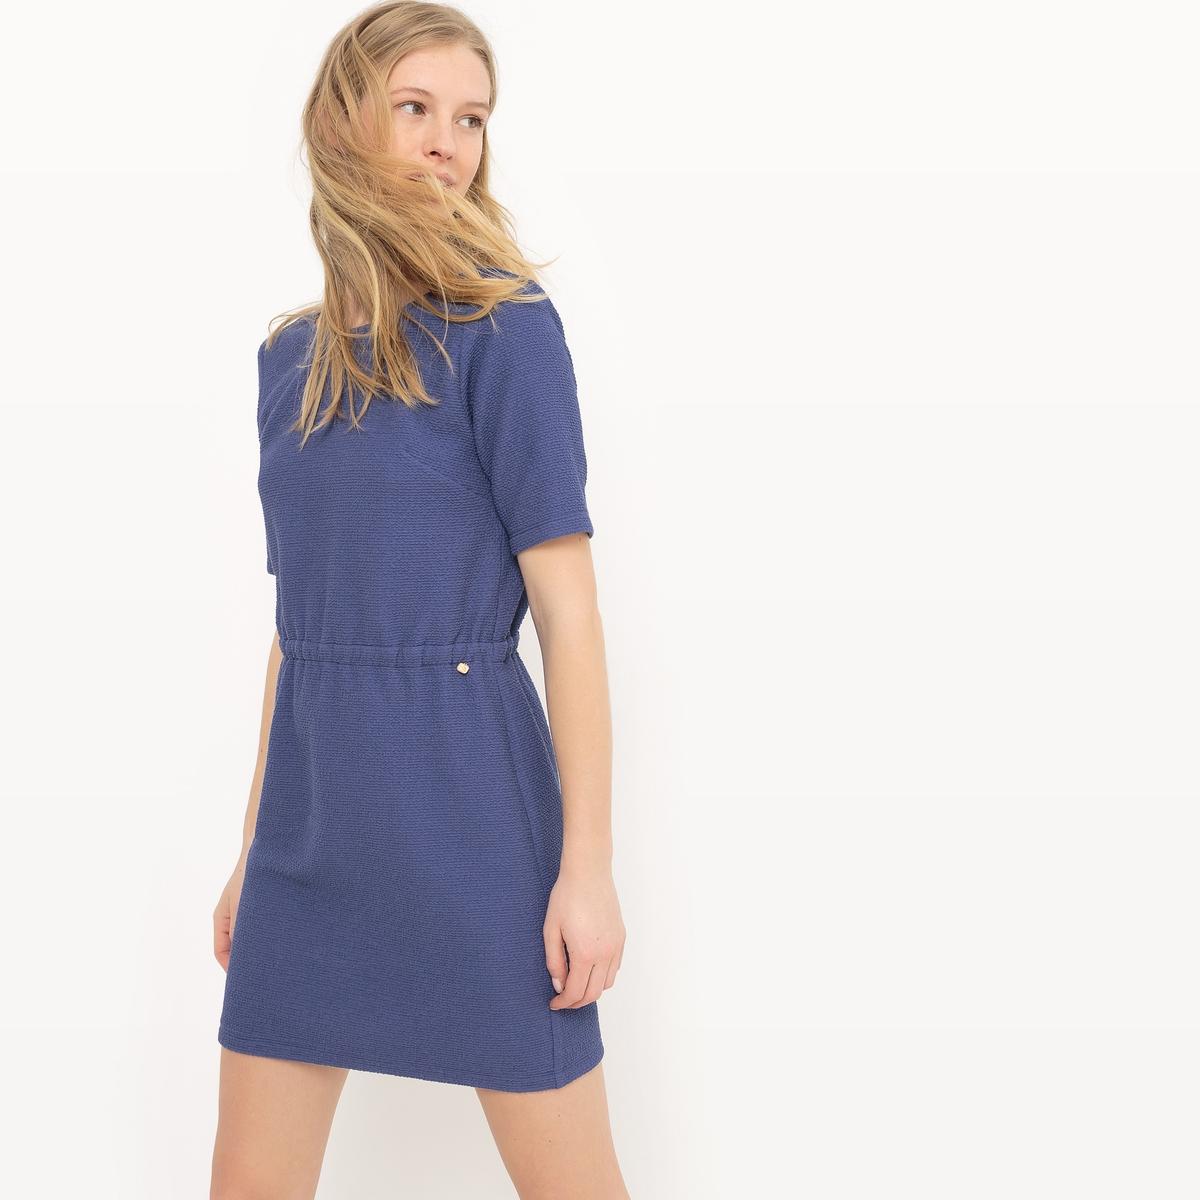 Платье короткое, с короткими рукавами, однотонноеДетали  •  Форма :прямая •  Укороченная модель •  Короткие рукава    •  Круглый вырез •  Эластичный поясСостав и уход •  30% хлопка, 5% эластана, 65% полиэстера •  Следуйте советам по уходу, указанным на этикетке<br><br>Цвет: синий